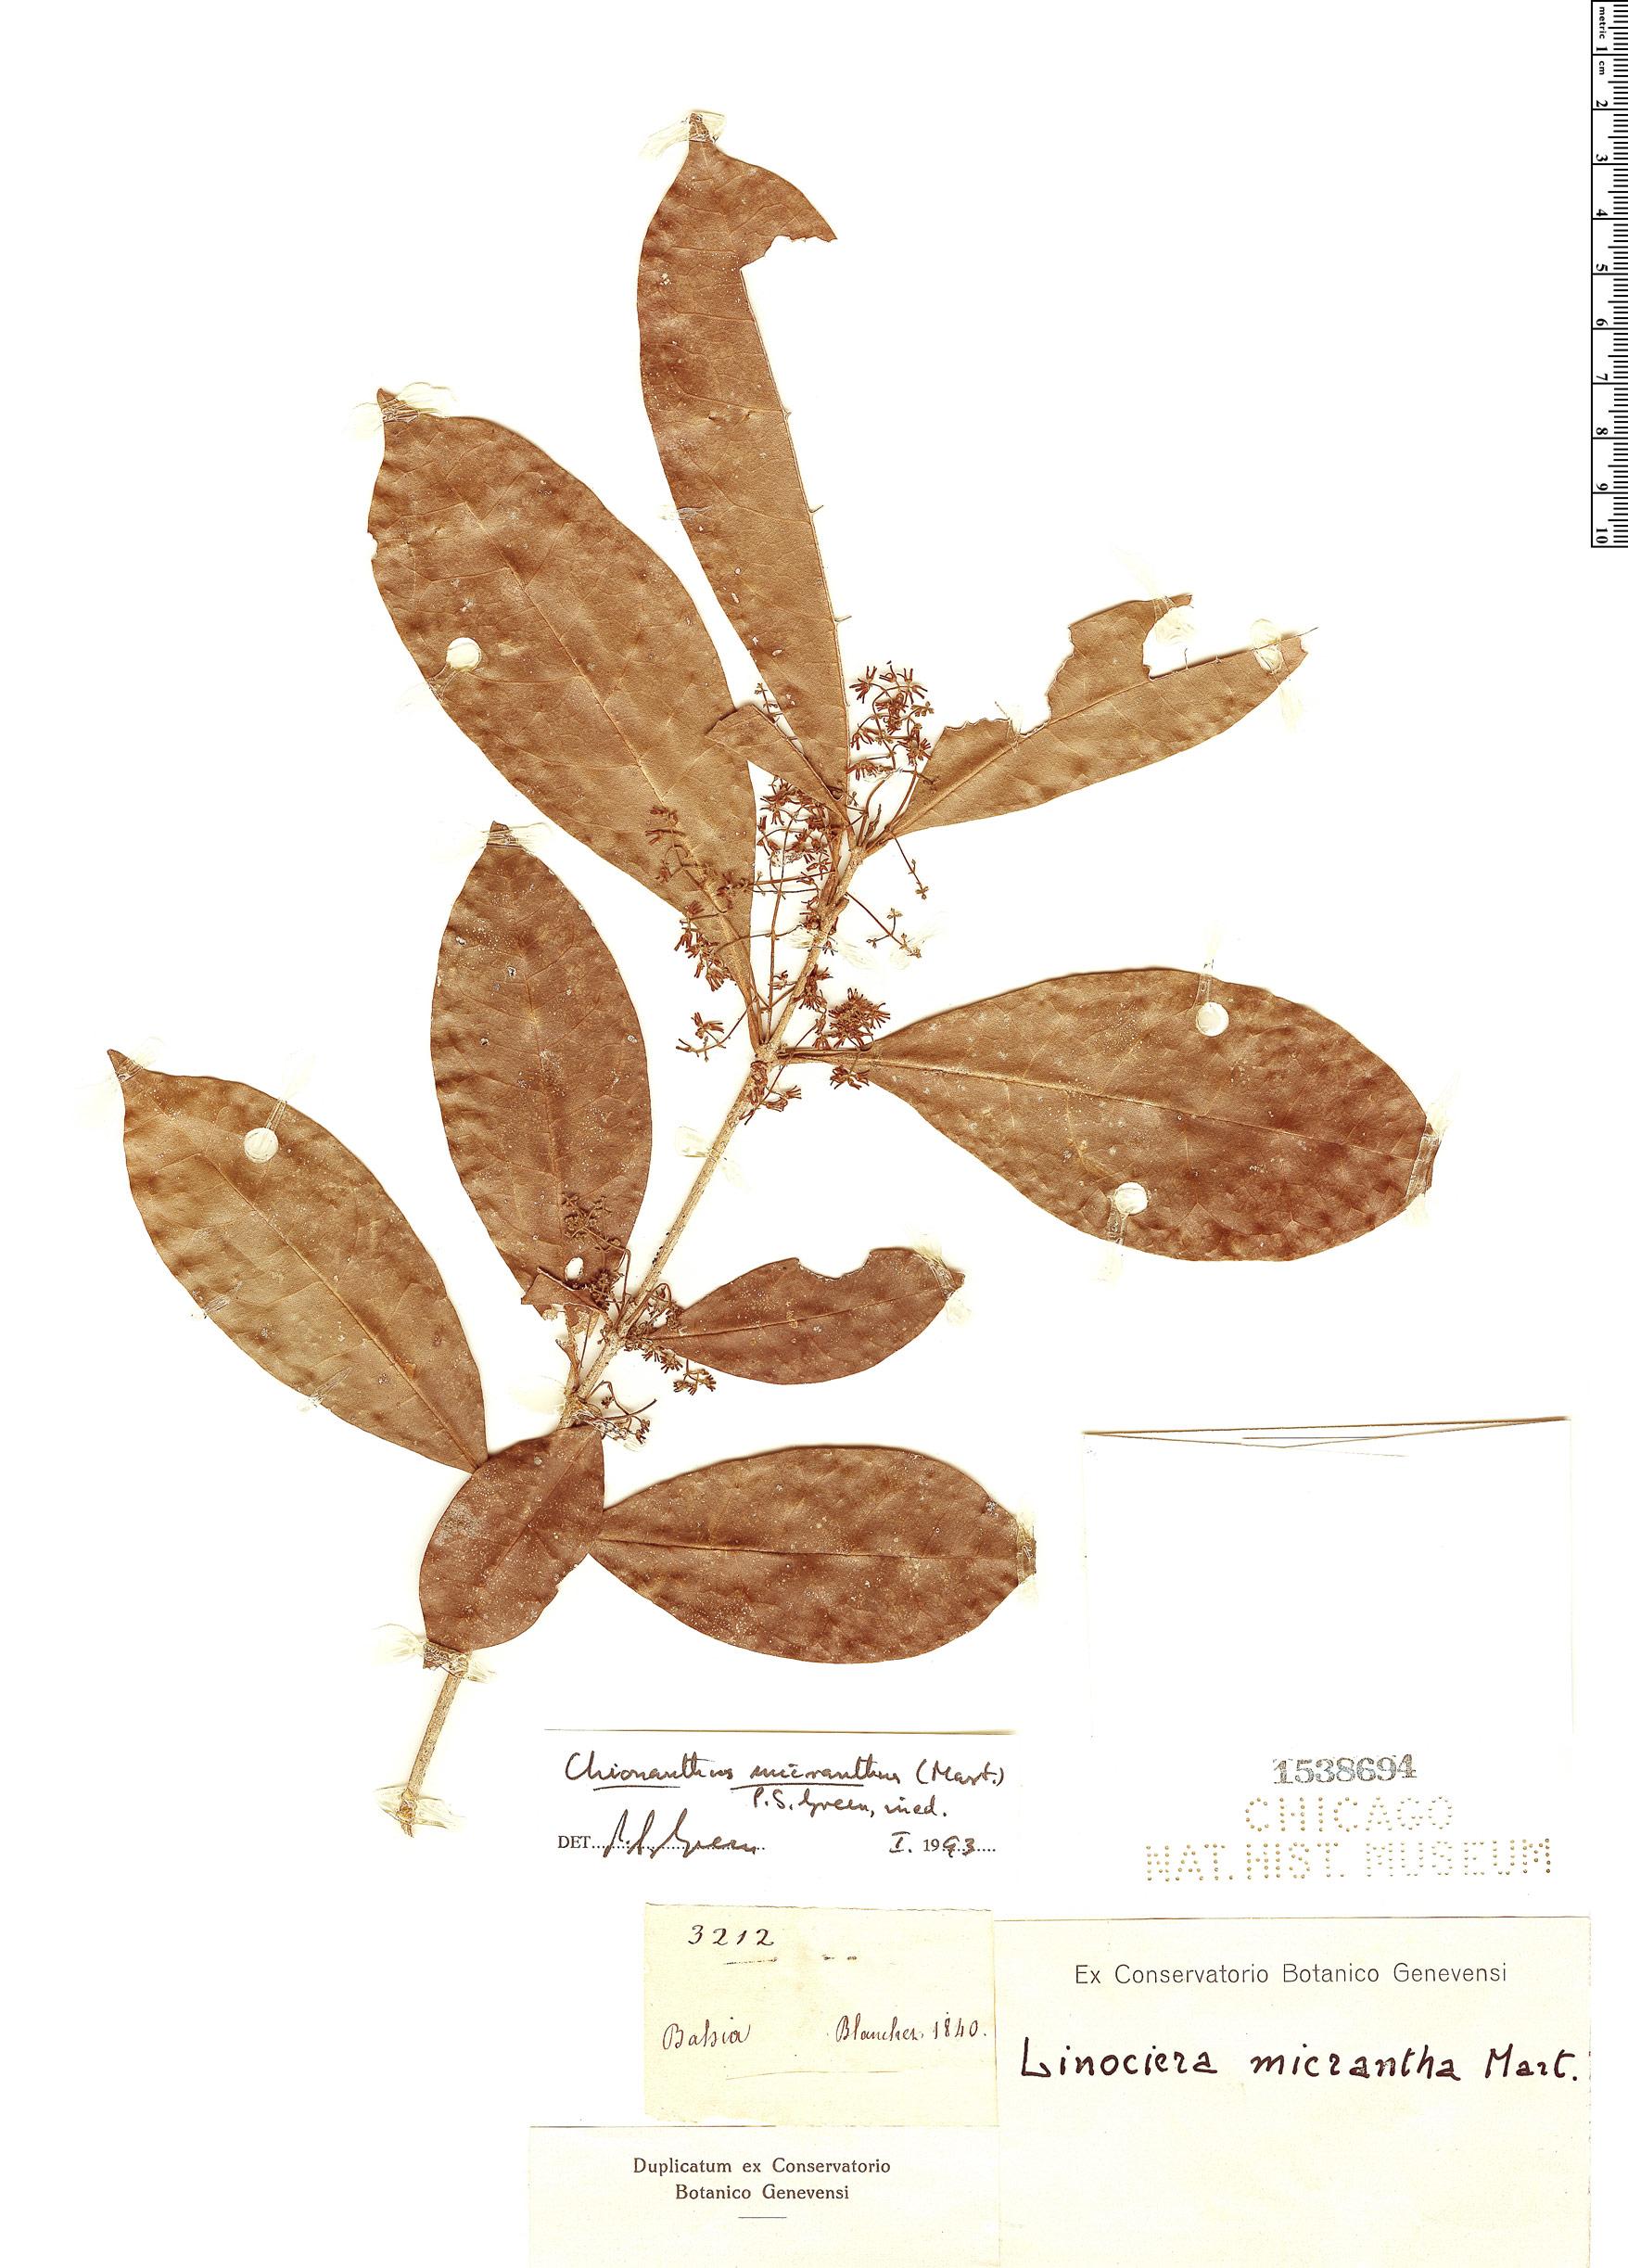 Specimen: Chionanthus micranthus